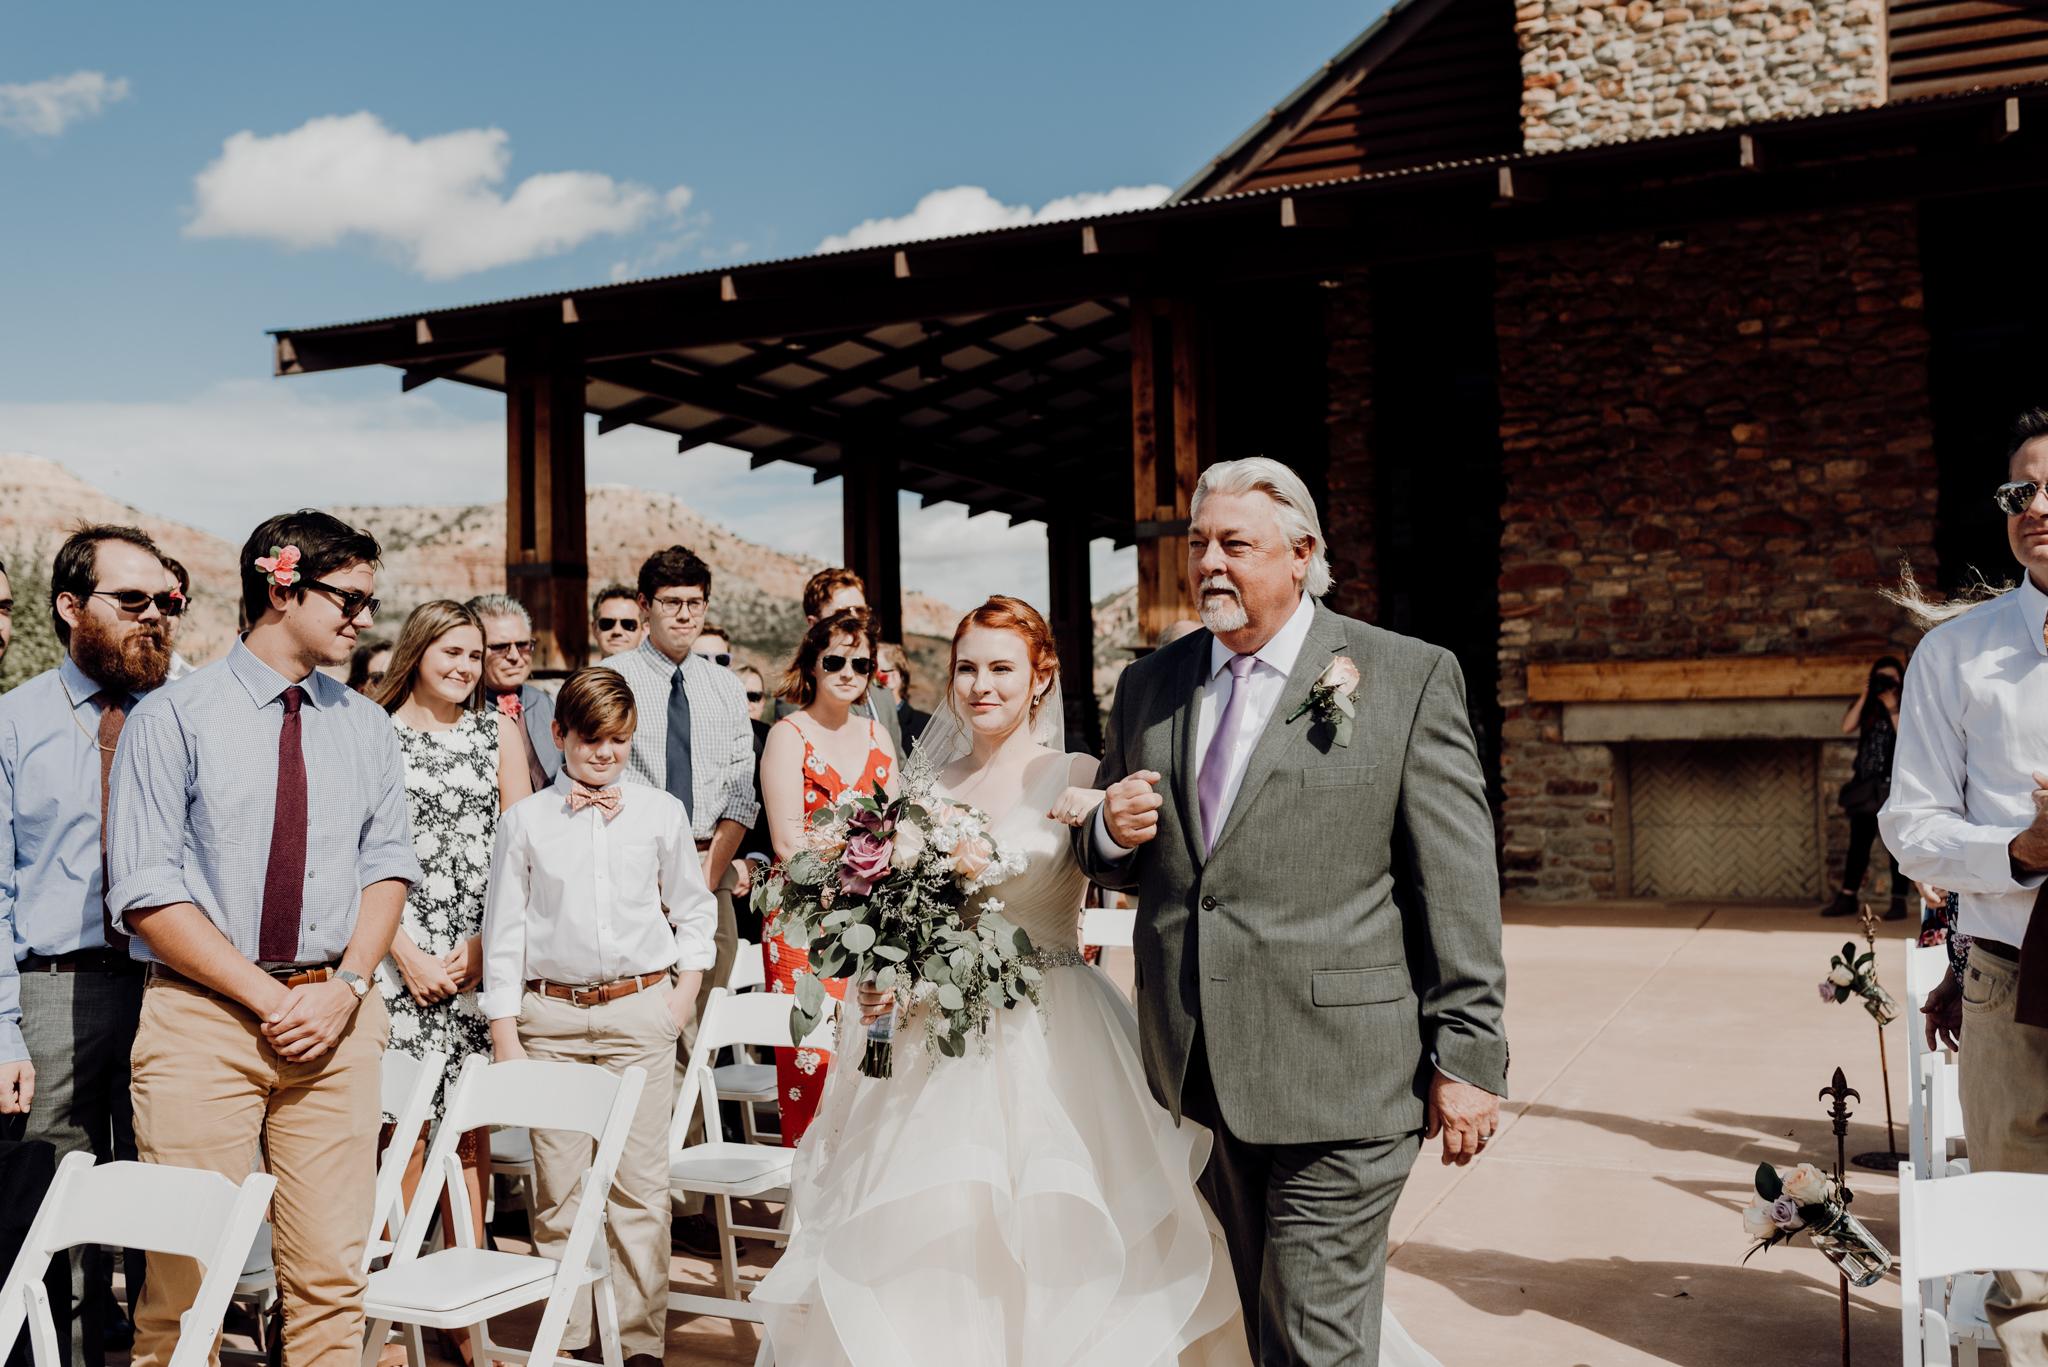 Texas Wedding Photographer-Palo Duro Canyon Sam Sex Wedding- Houston Wedding Photographer -Kristen Giles Photography-23.jpg